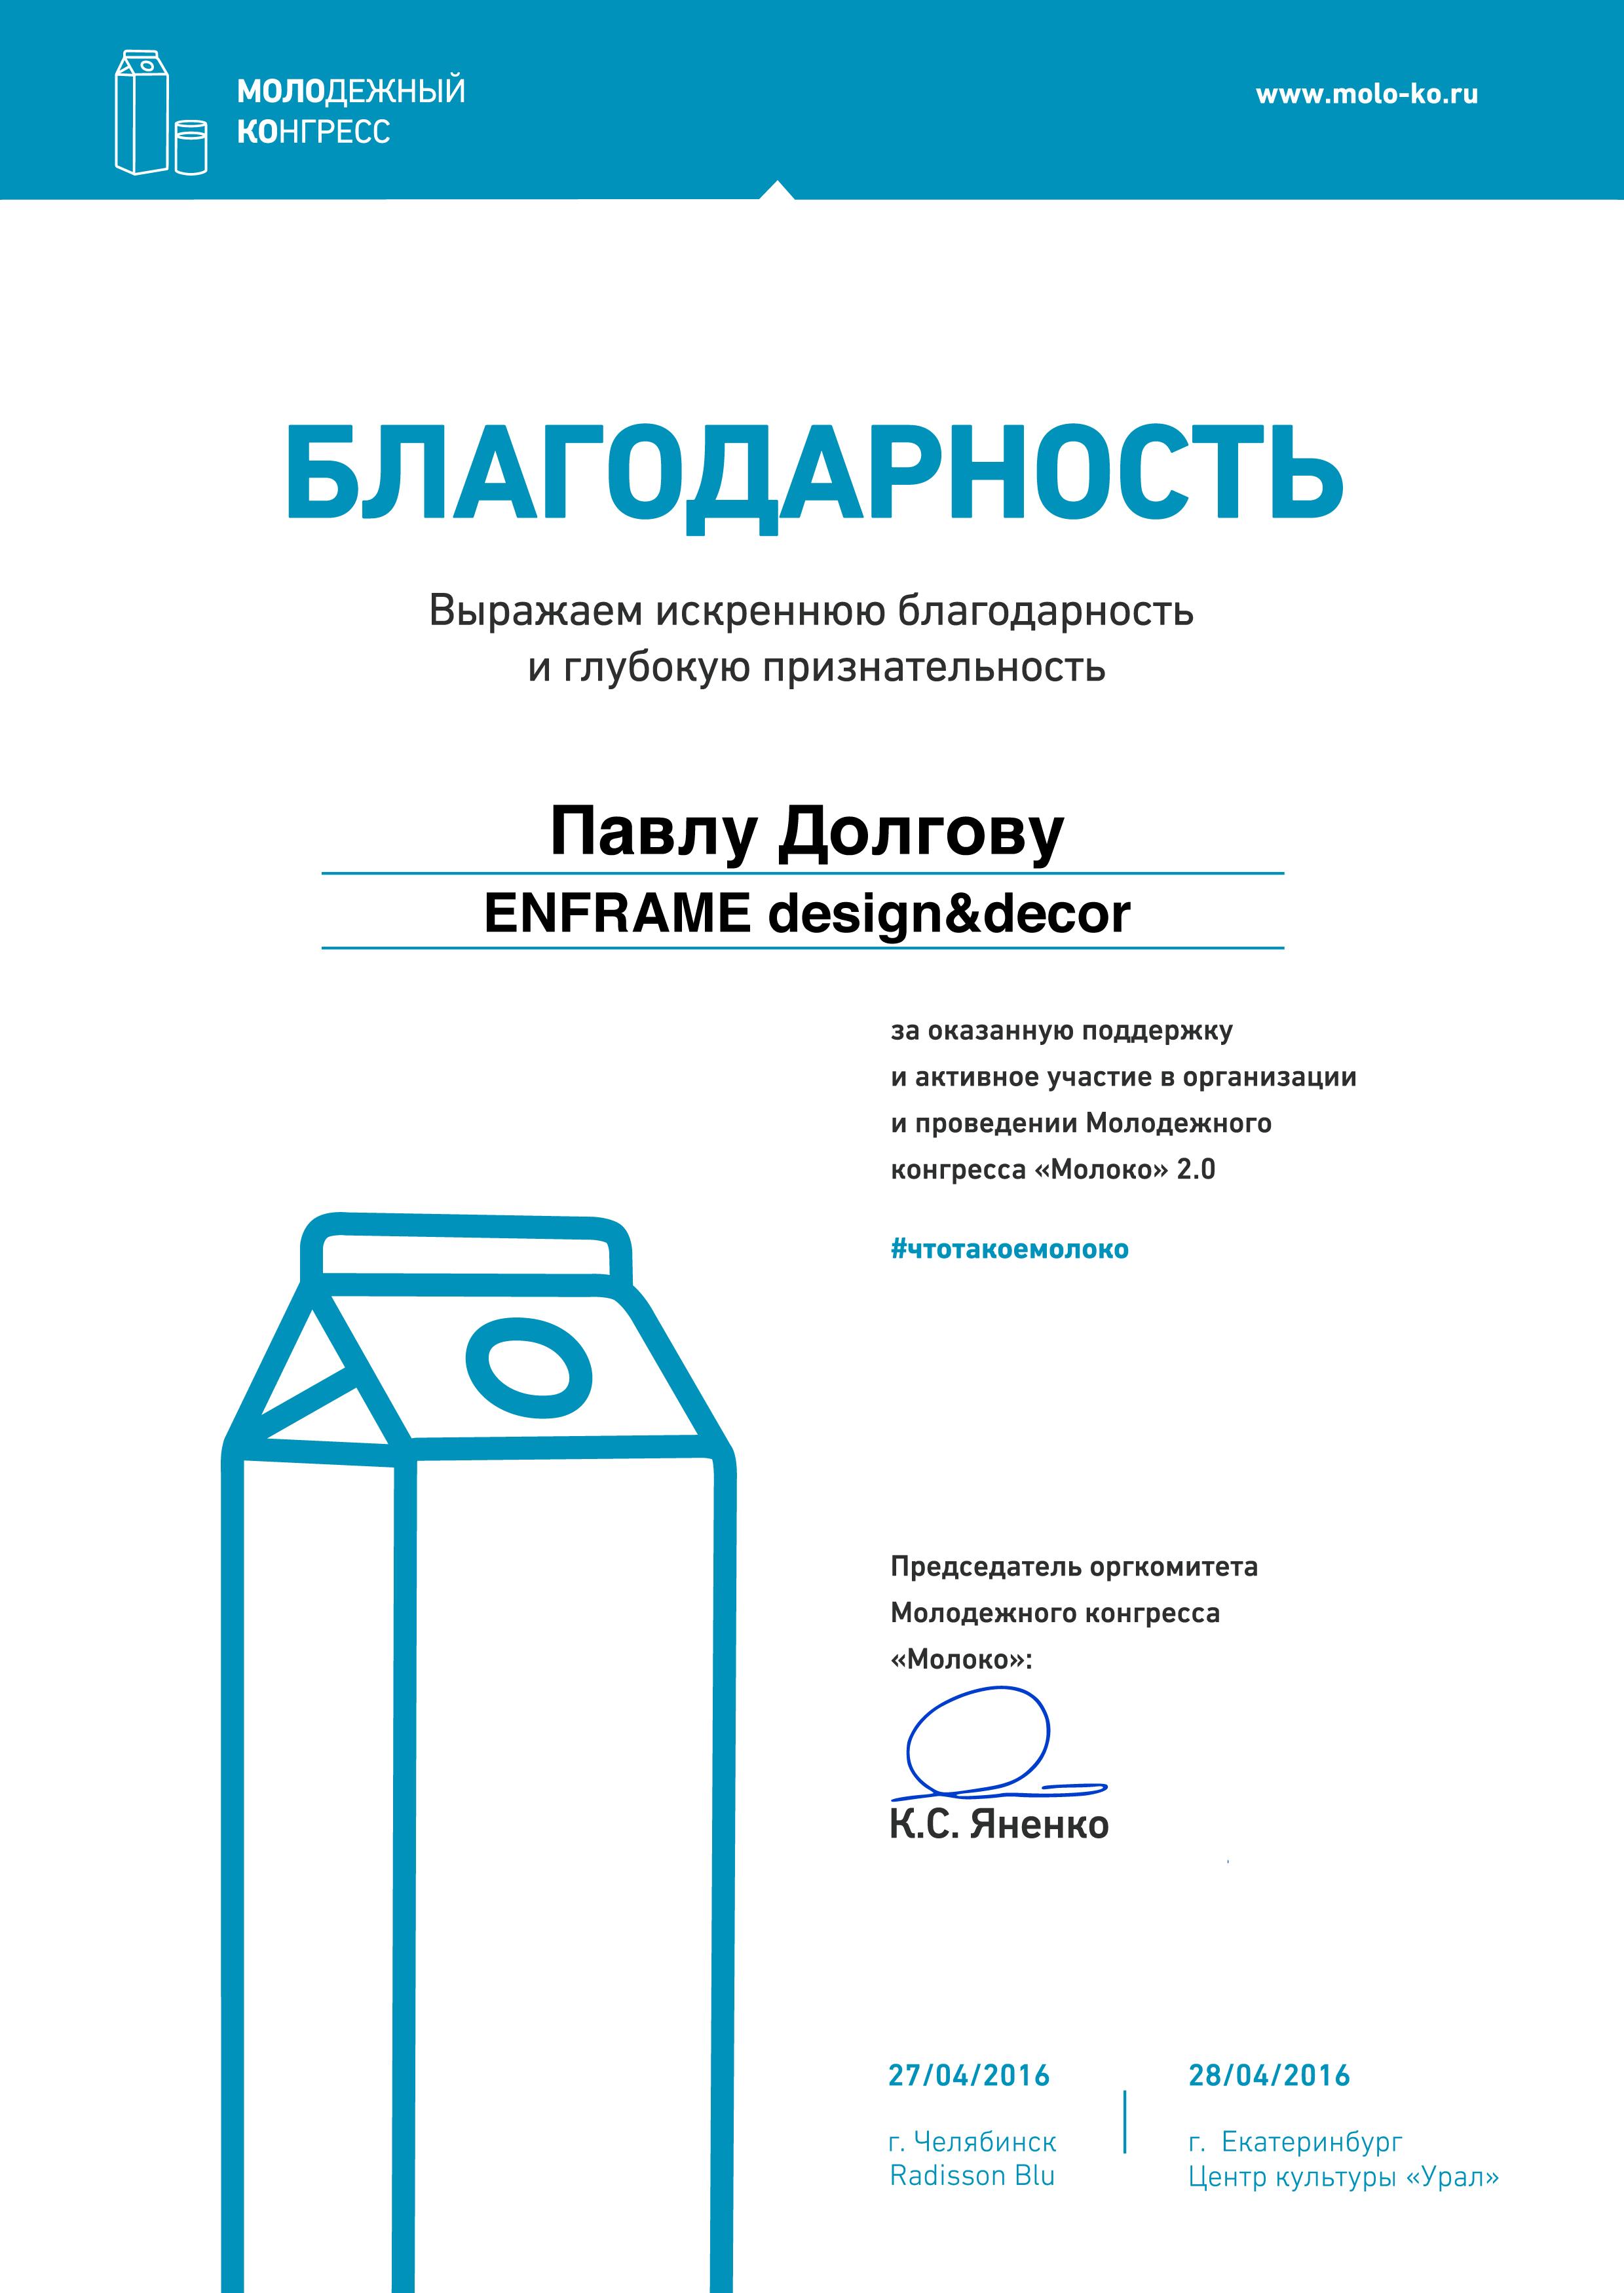 Благодарность за участие наших оформителей в форуме Молоко в Челябинске и Екатеринбурге в 2016 году